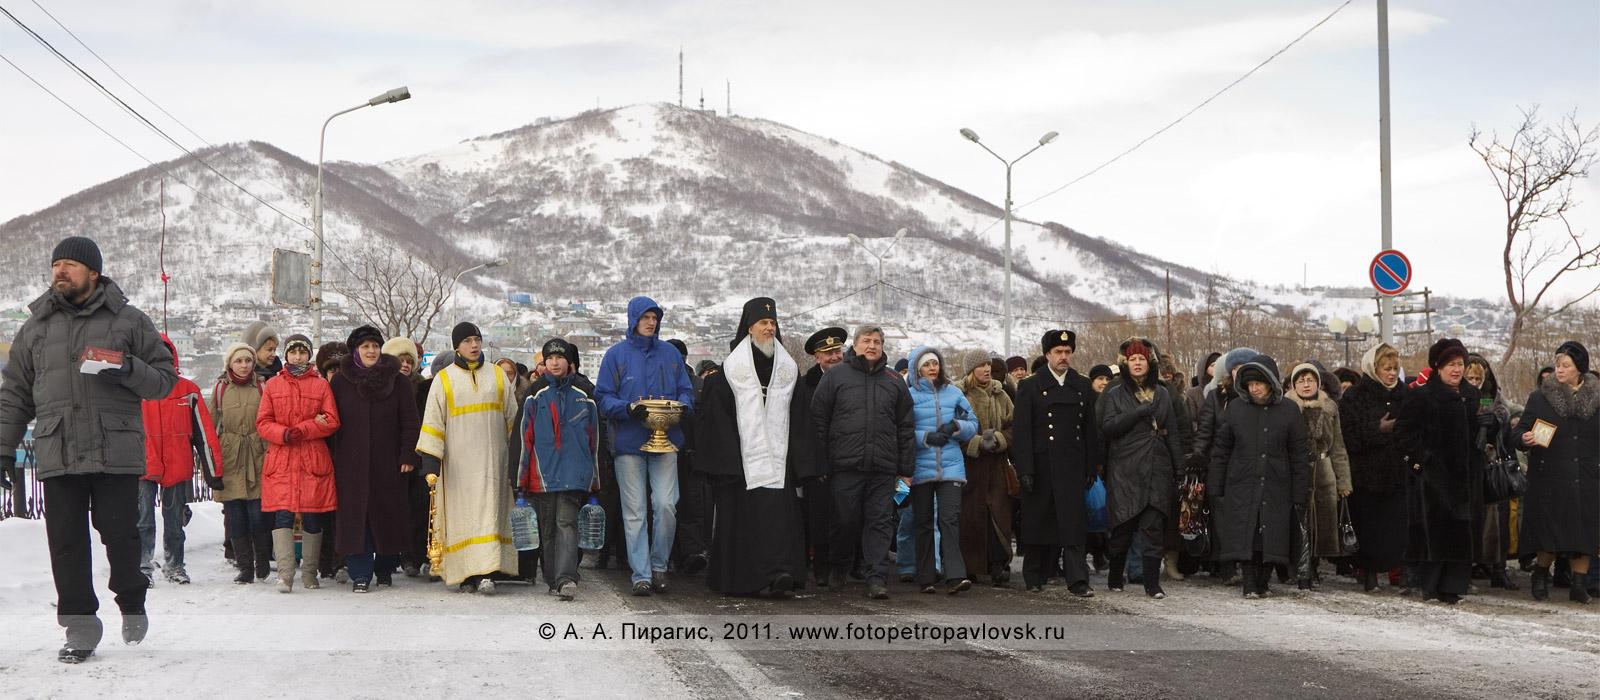 Фотография: крестный ход на Рождество Христово в городе Петропавловске-Камчатском